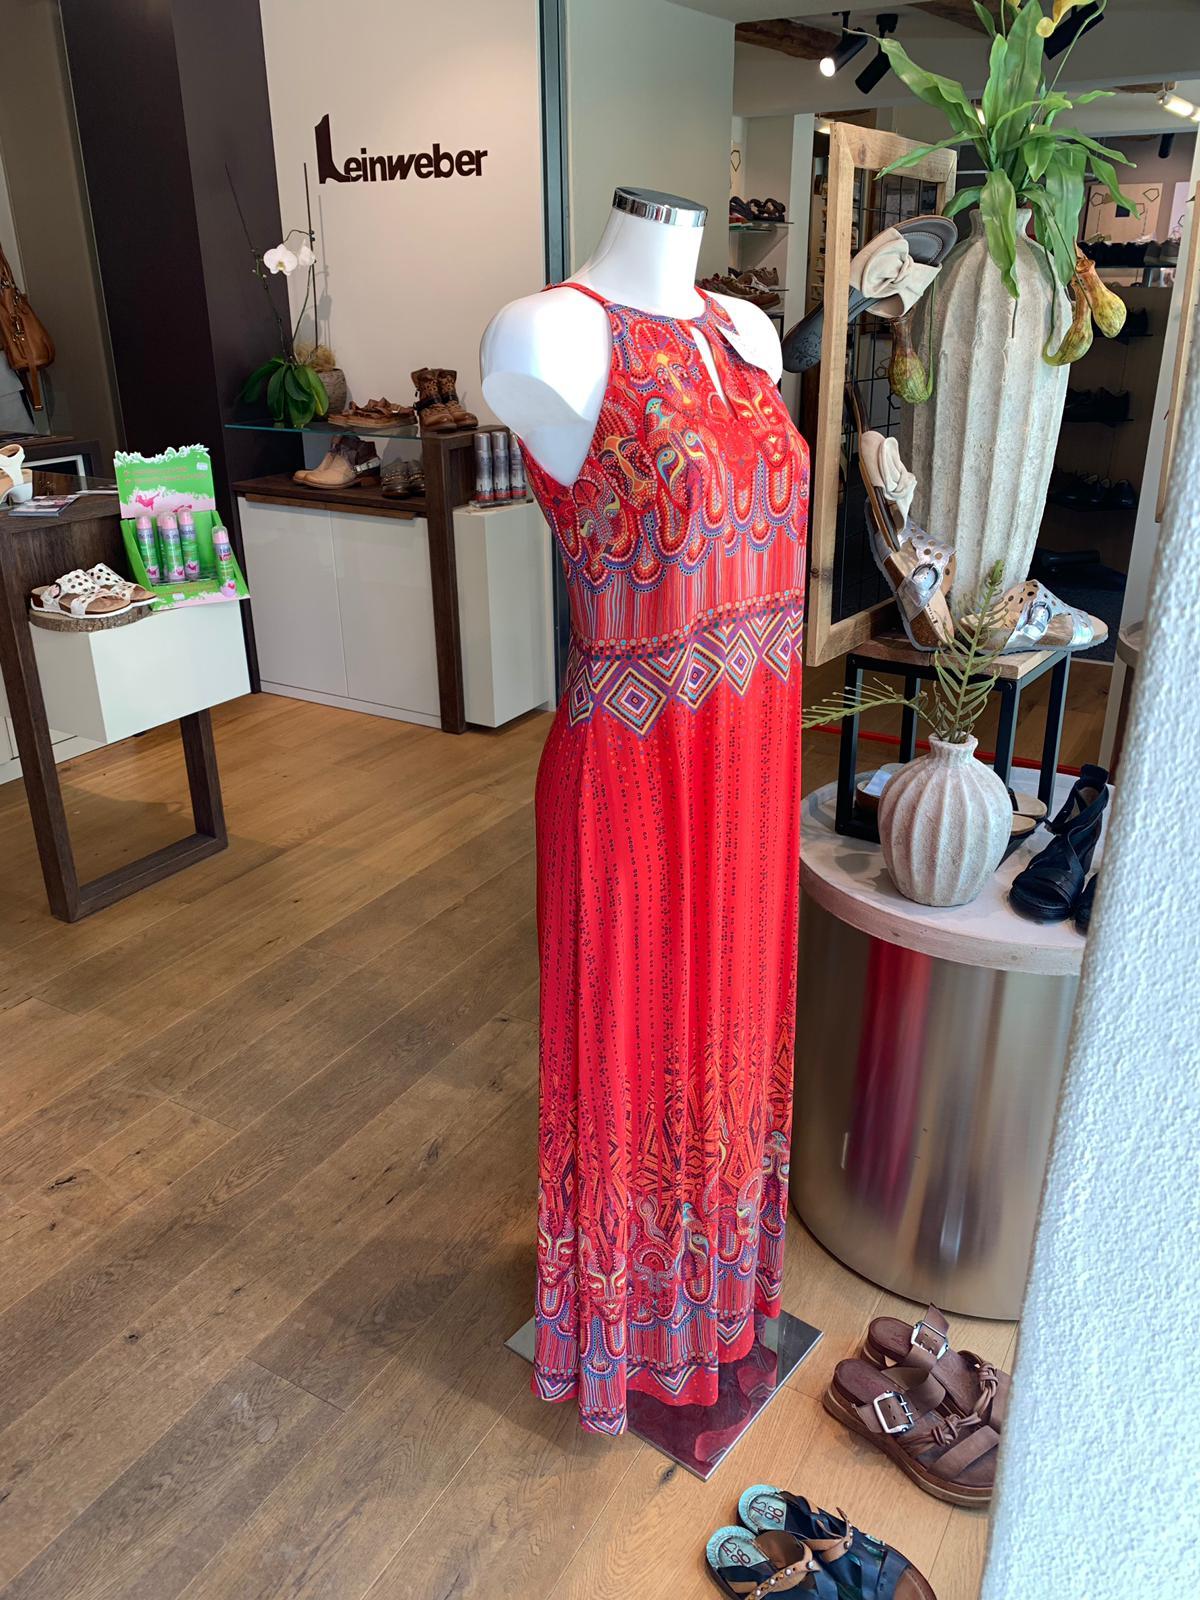 Viscose Kleid im top-aktuellen Look von Ivko. Im wunderschönen  Laden von Leinweber!